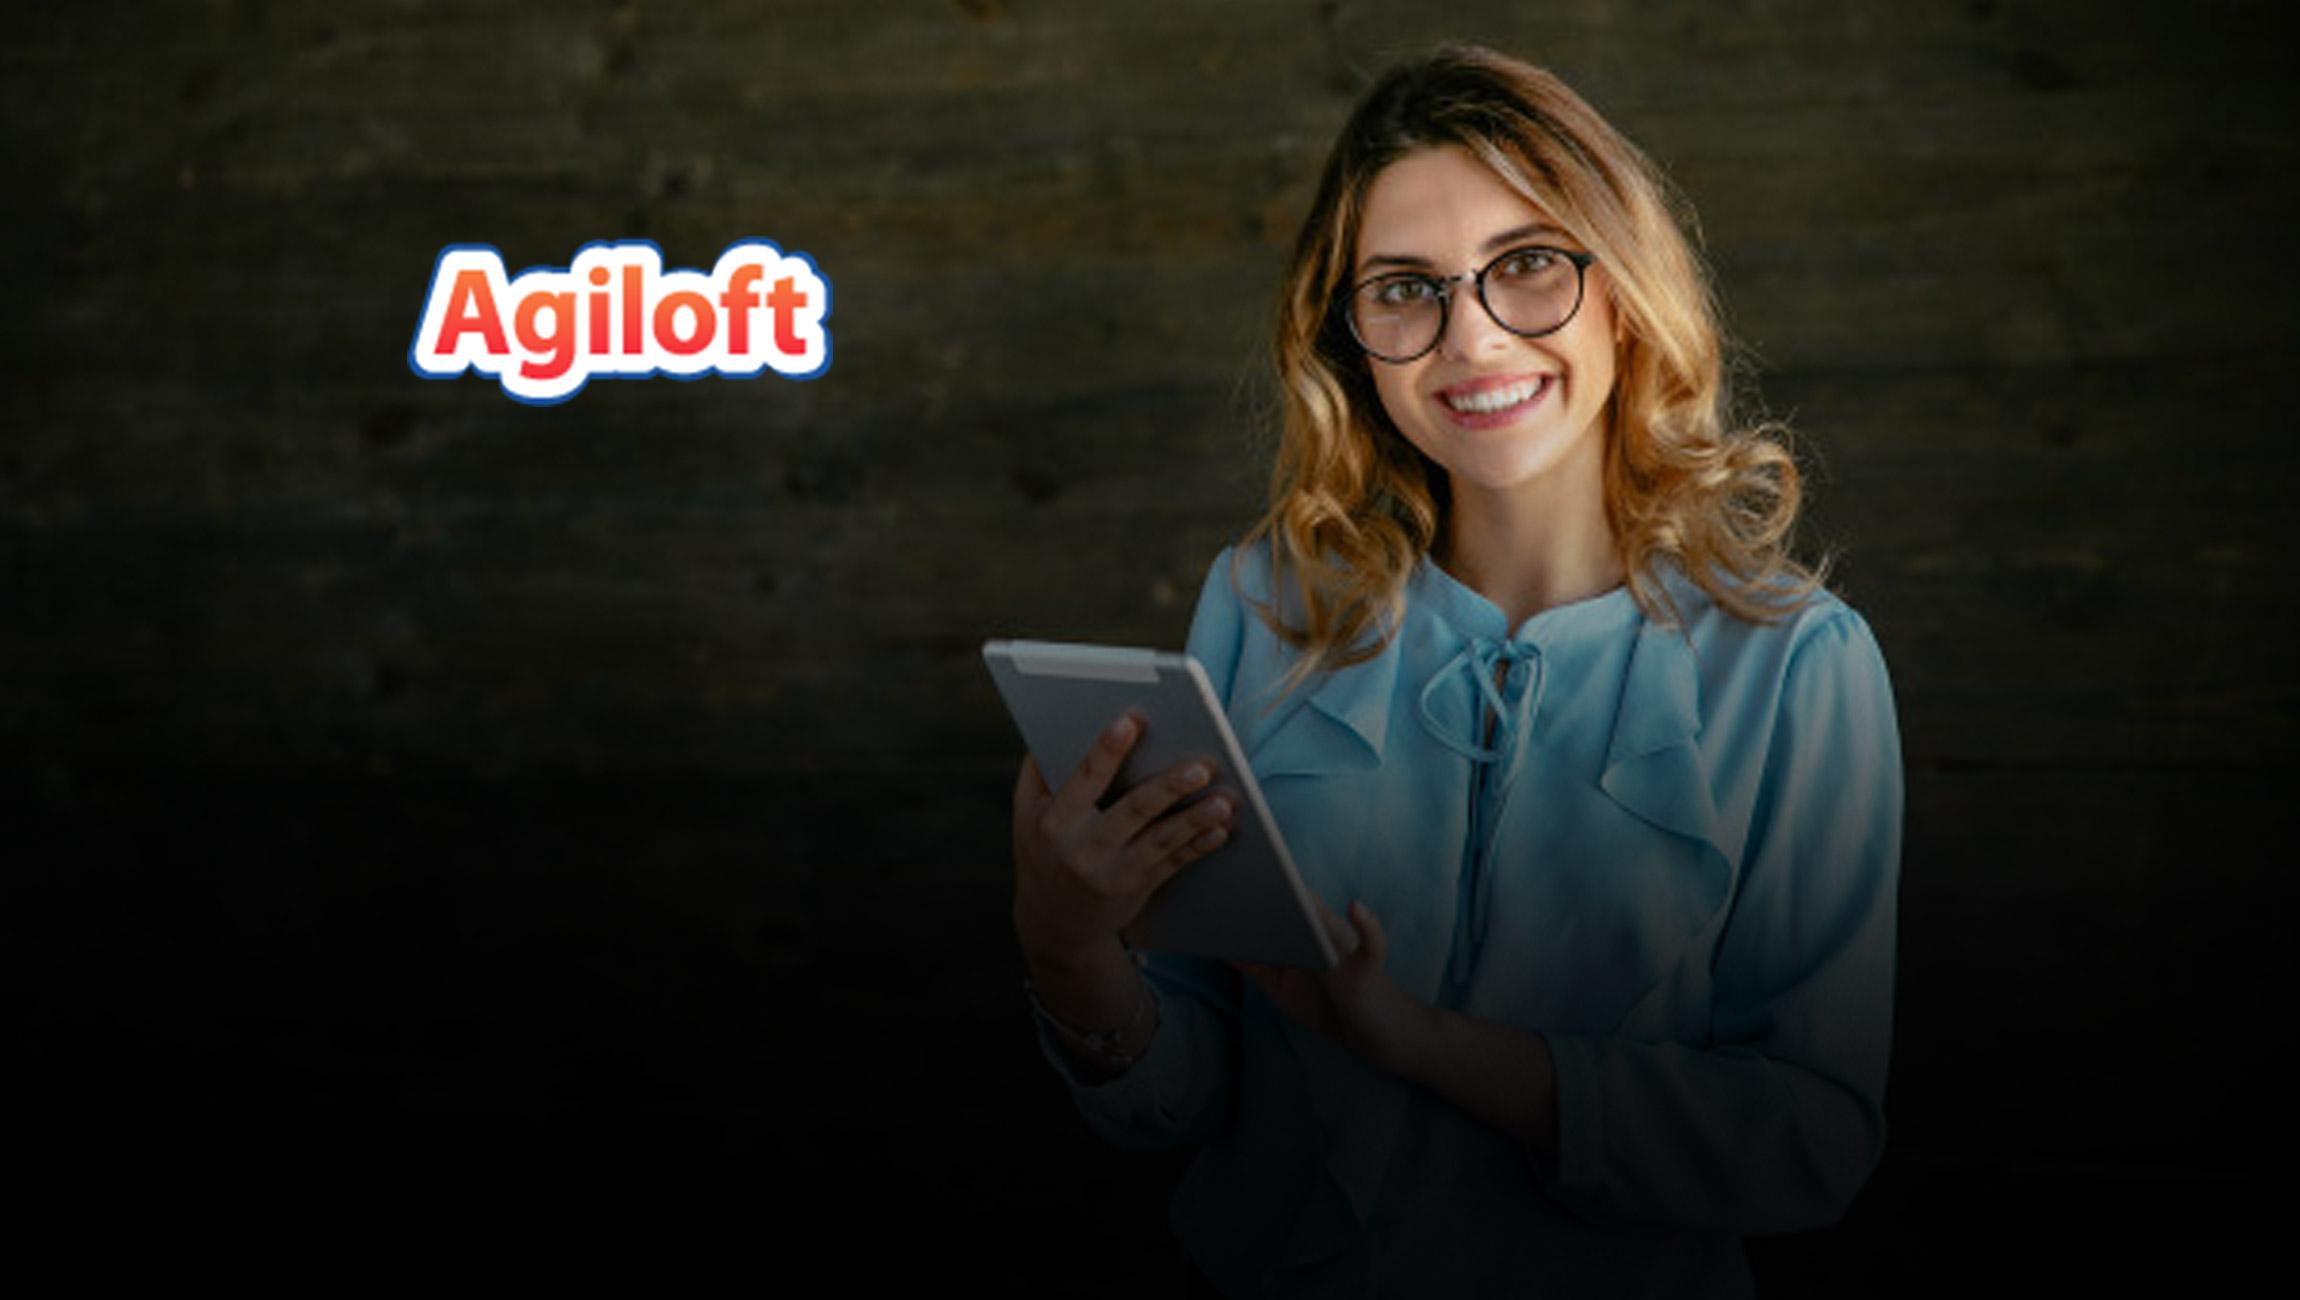 Agiloft to Exhibit Contract Management Suite with Agiloft AI Core at Legaltech 2020